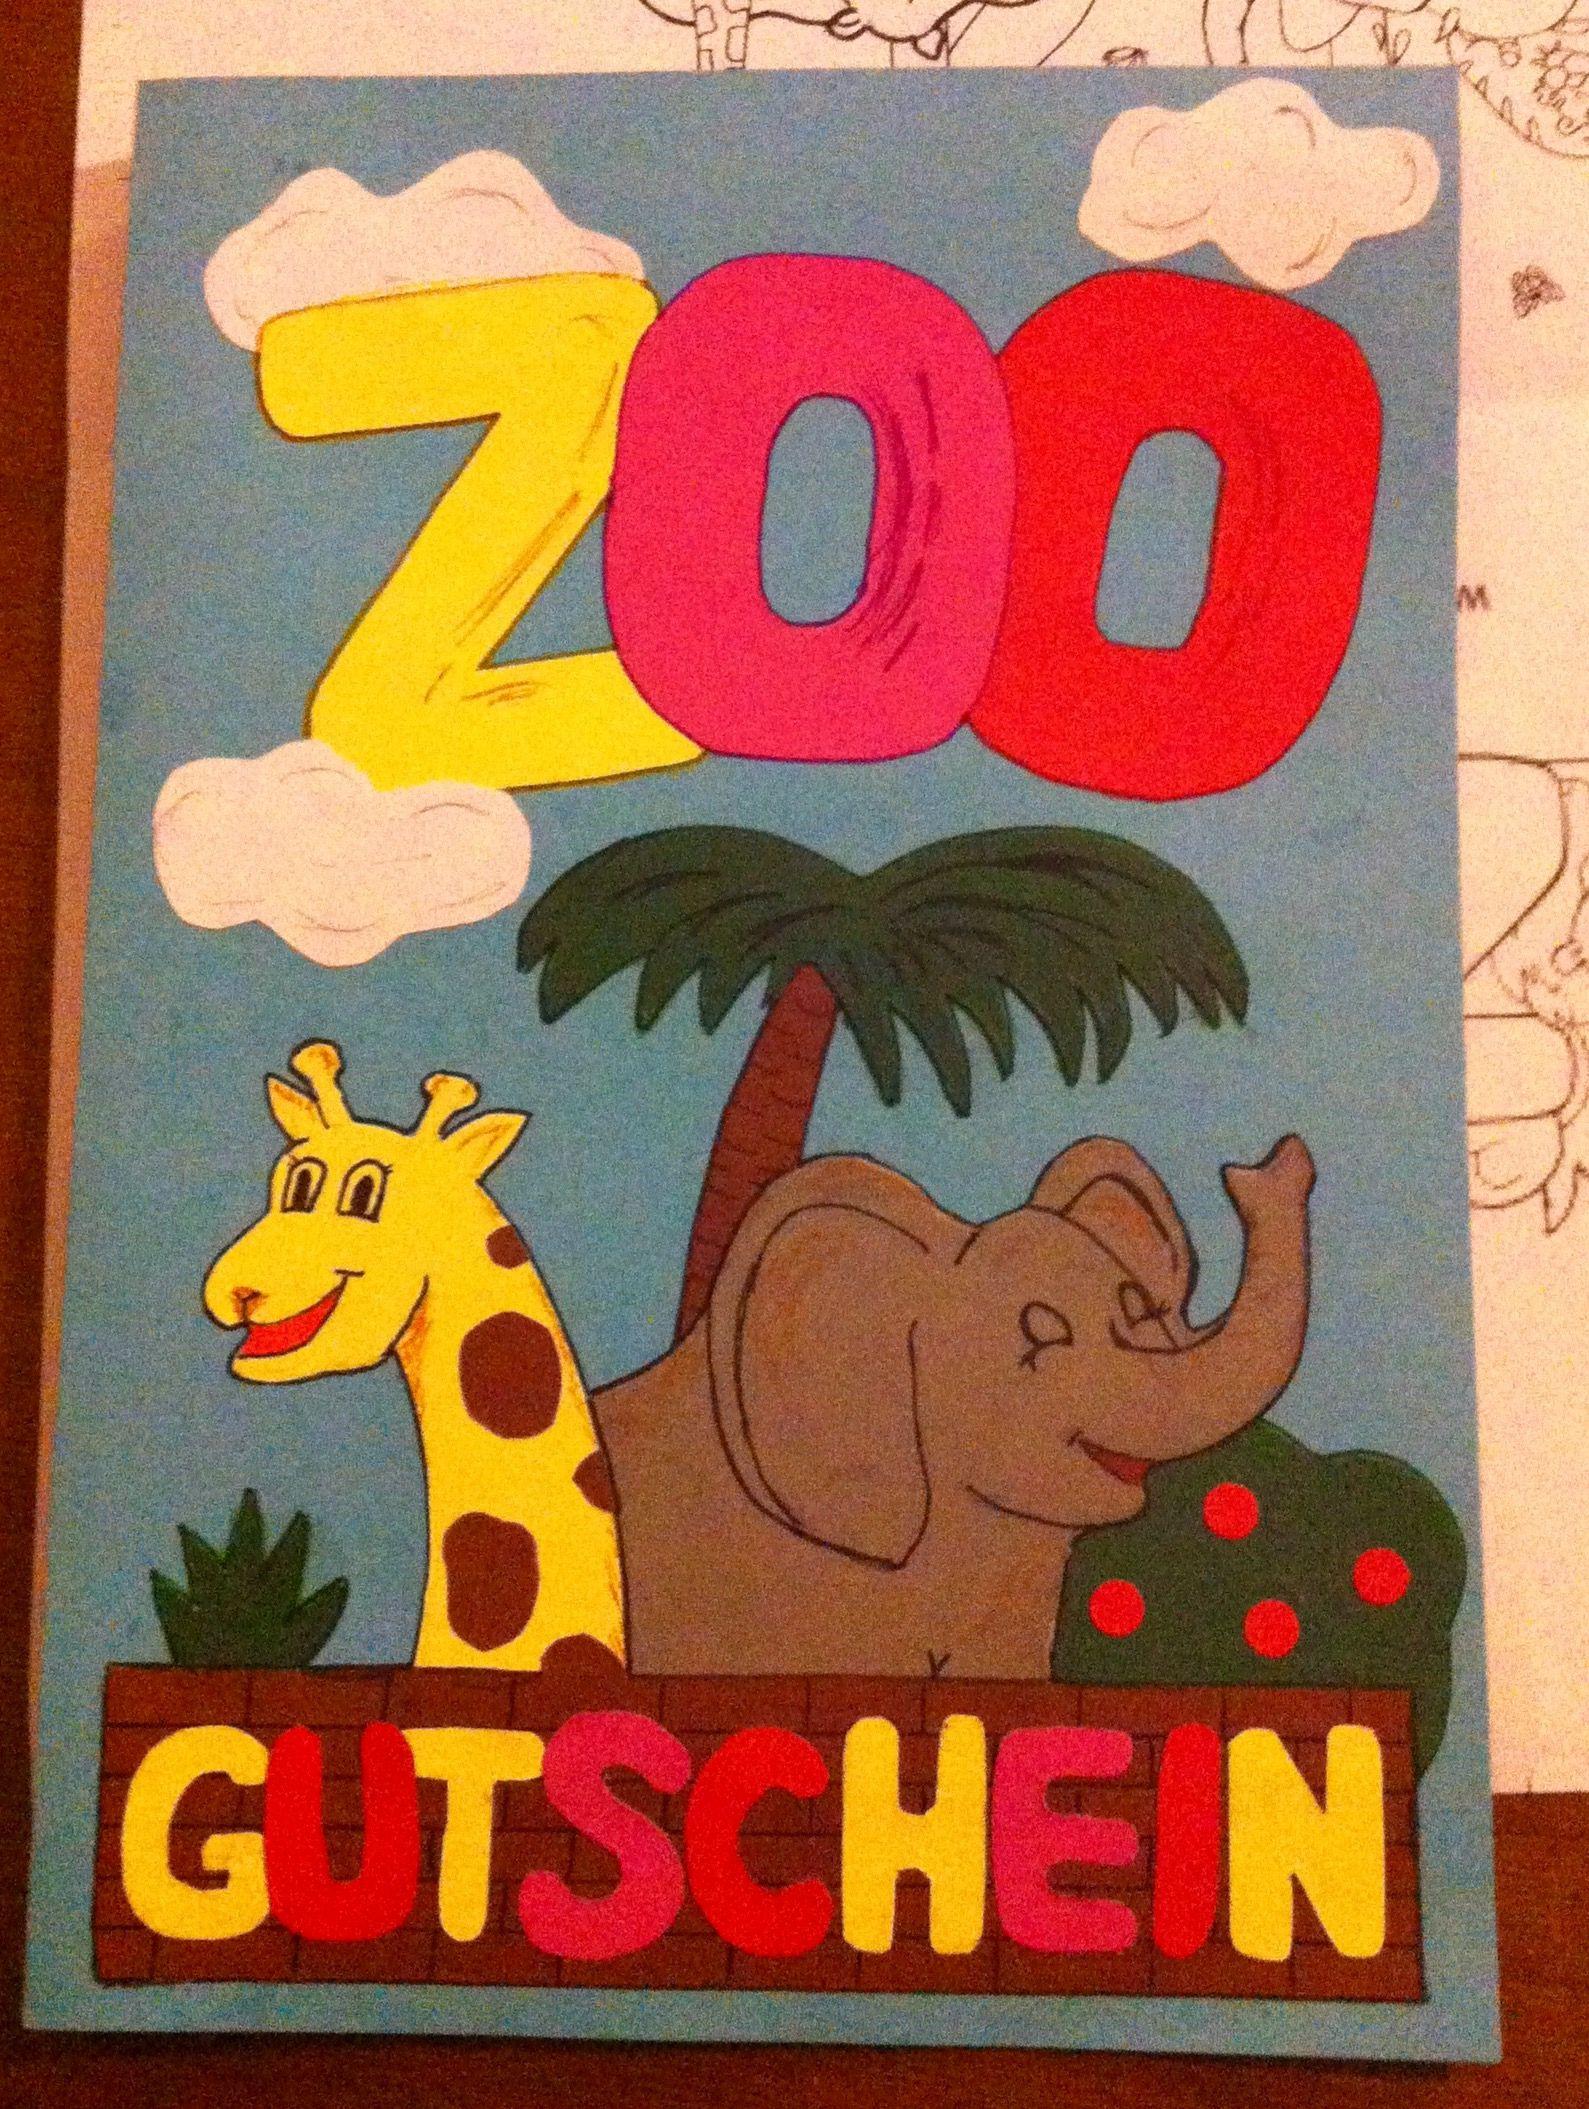 Geburtstagskarte Gutschein Fur Einen Zoobesuch Gutschein Basteln Kinder Gutschein Basteln Gutschein Gestalten